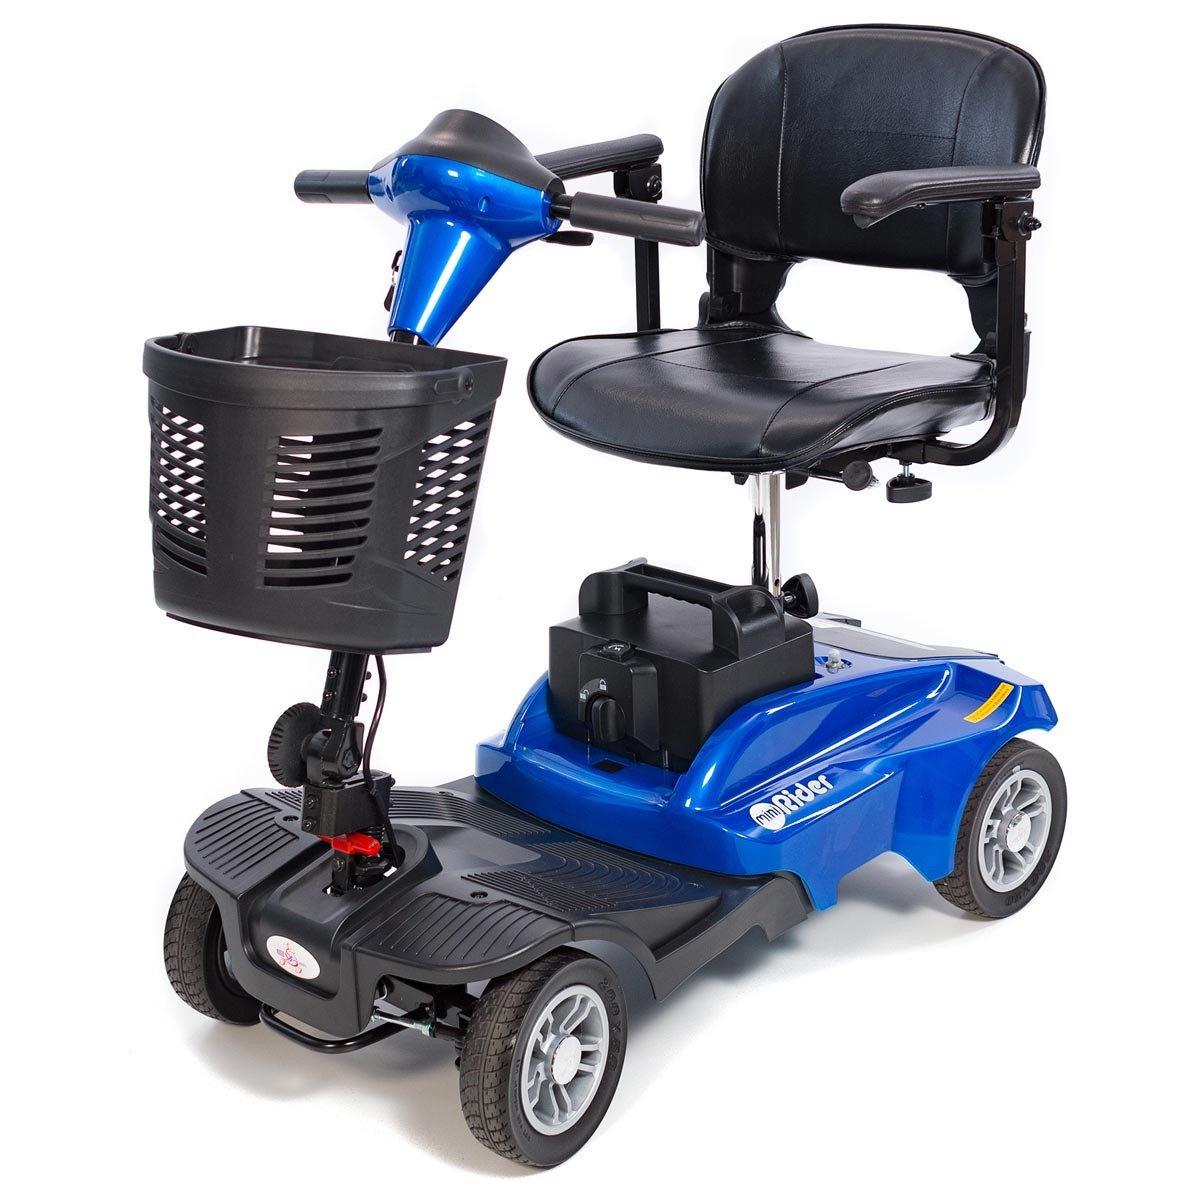 EV Rider - Mini Rider Compact Scooter - 4-Wheel - Metallic Blue by Mini Rider